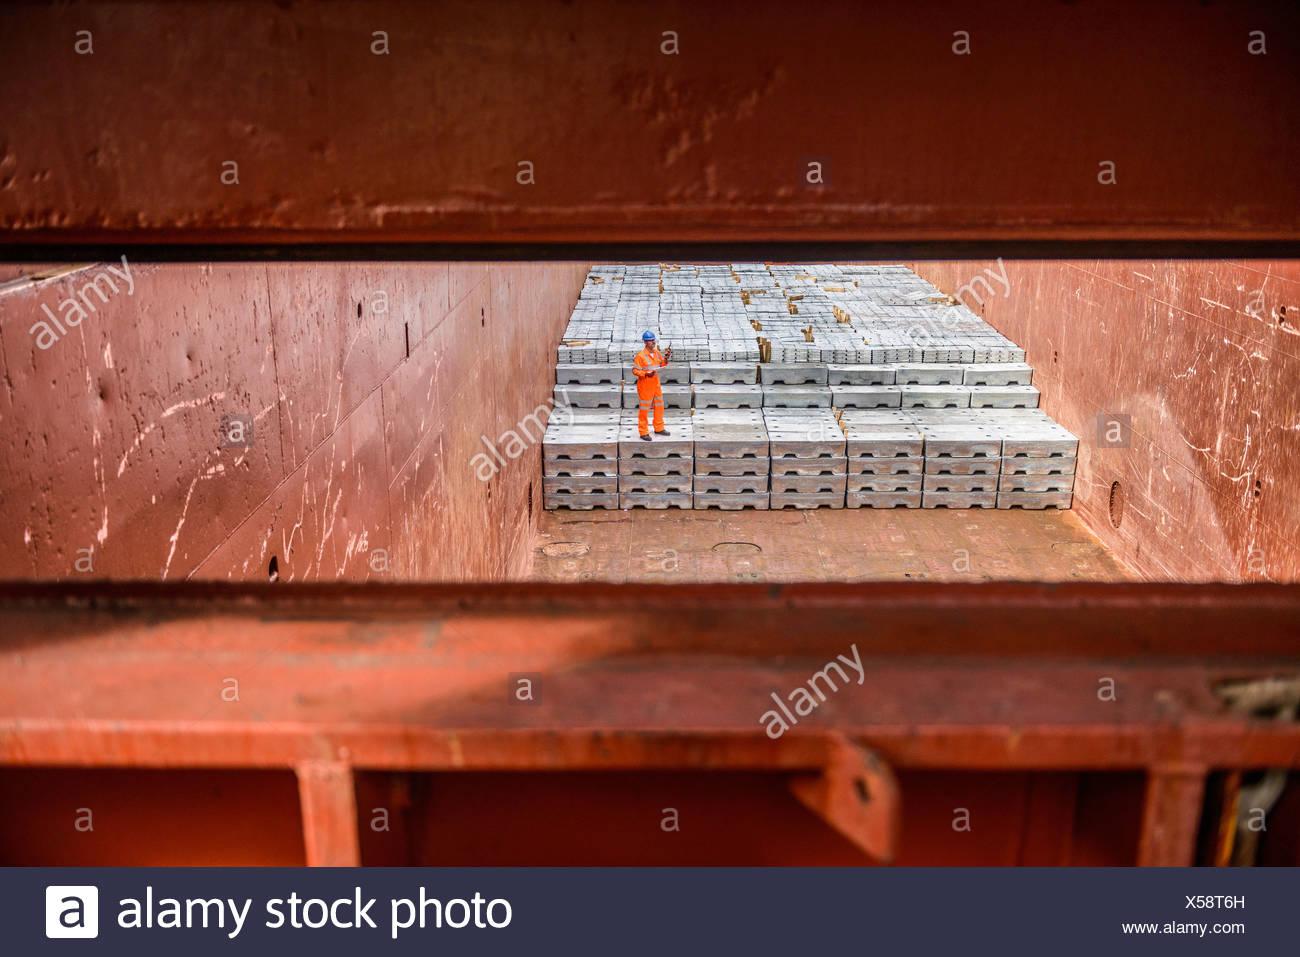 Controllo lavoratore lingotti di metallo delle stive delle navi Immagini Stock